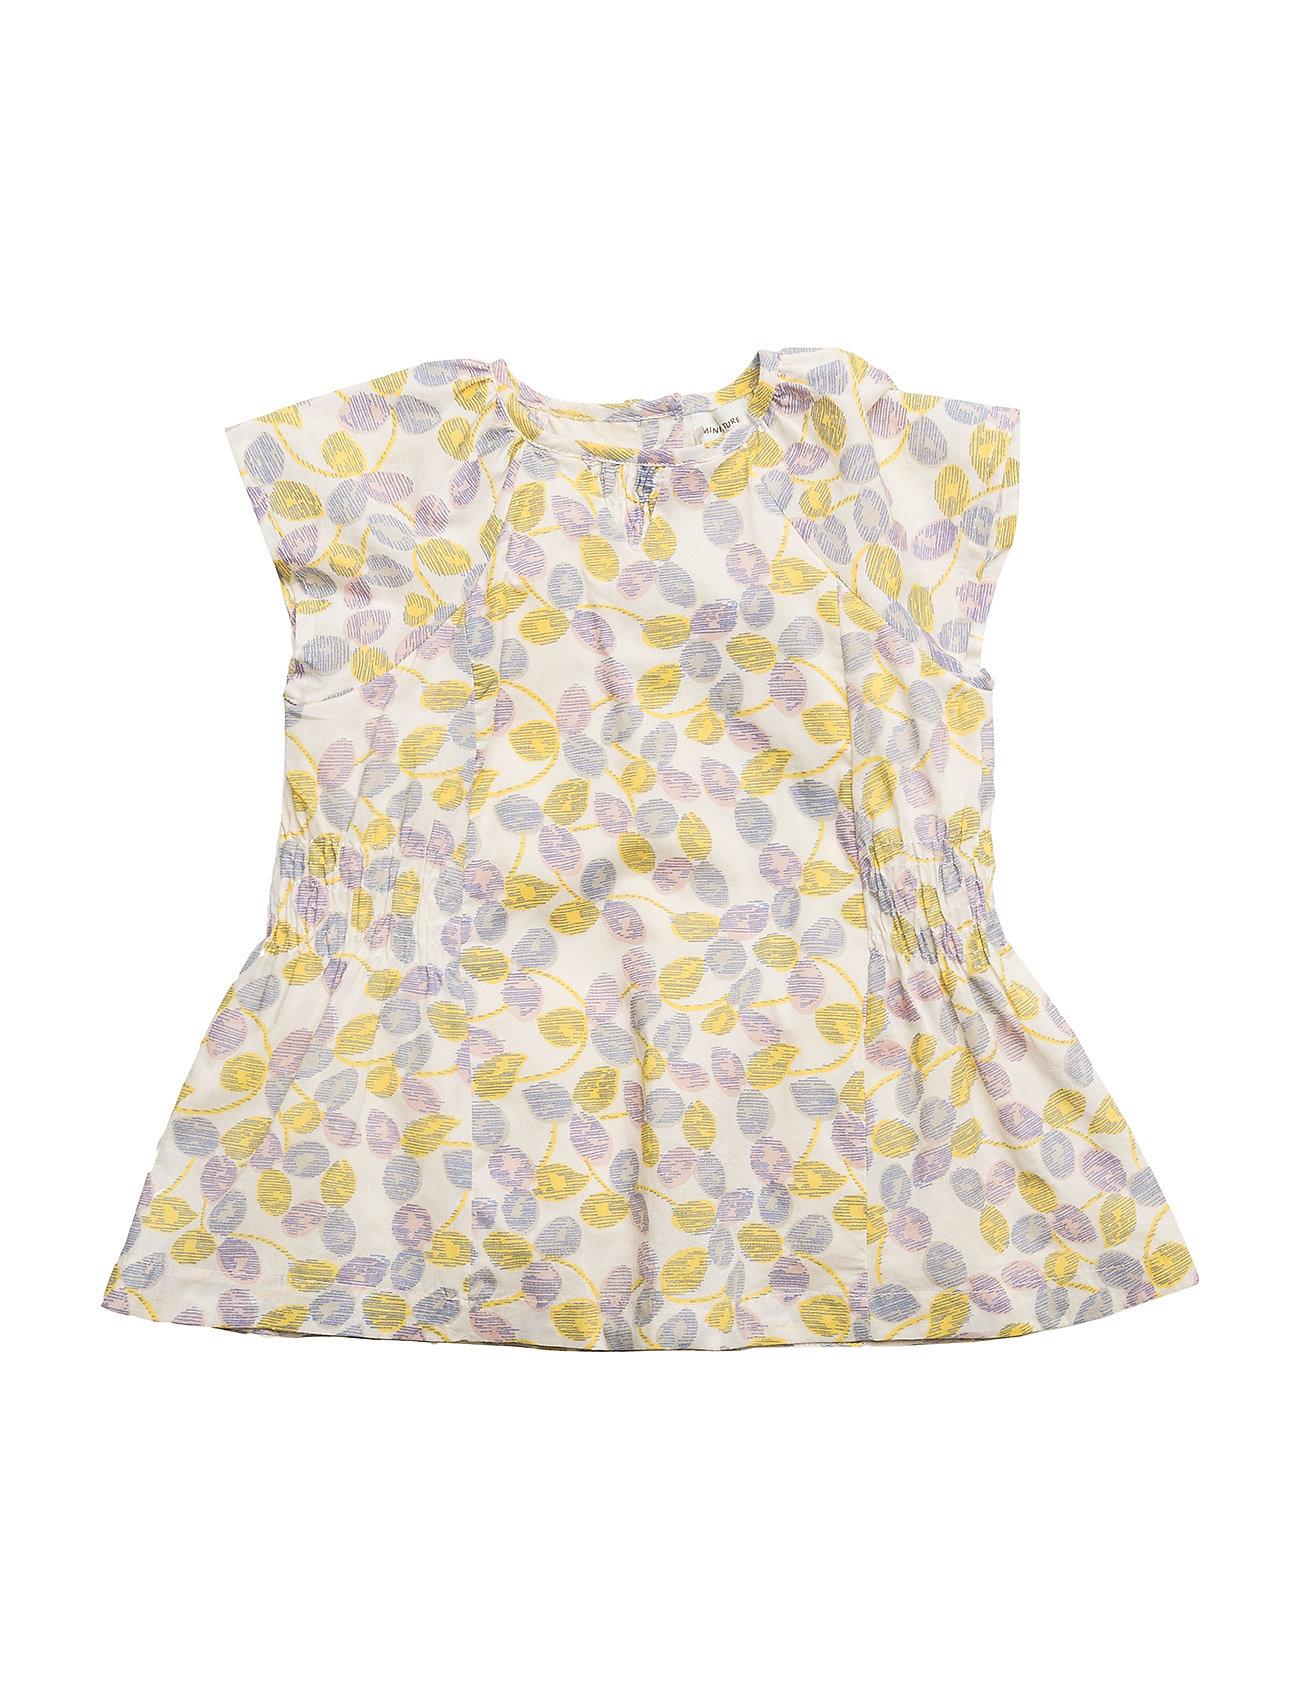 Mini A Ture Chloé Dress, M - YELLOW LEMON